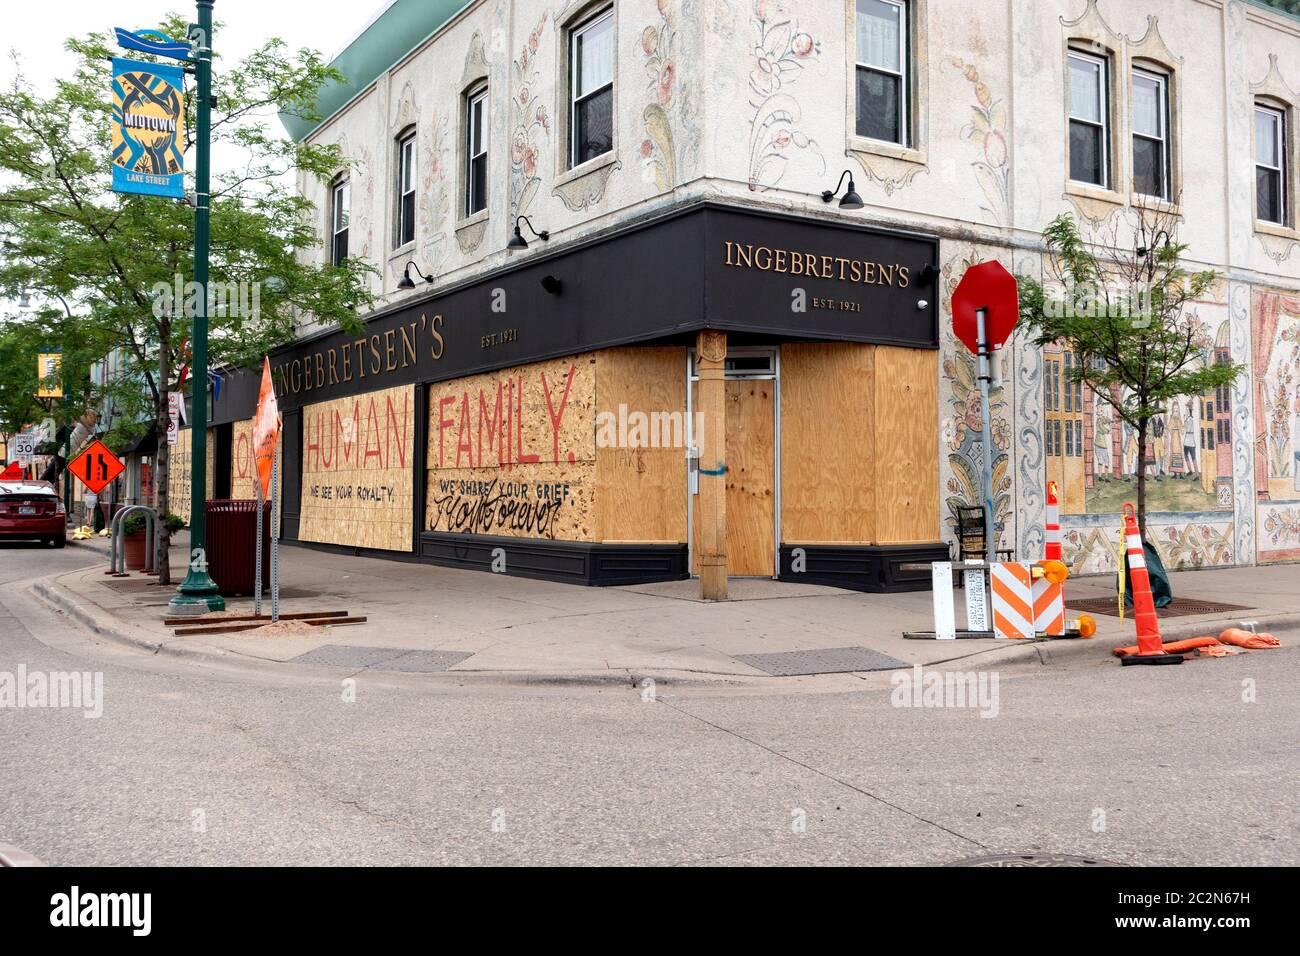 """Contrachapado puertas de la tienda de regalos y alimentos de Ingebretsen en Lake Street declarando """"Familia humana"""" en honor a George Floyd. Minneapolis Minnesota Minnesota Minnesota, EE.UU Foto de stock"""